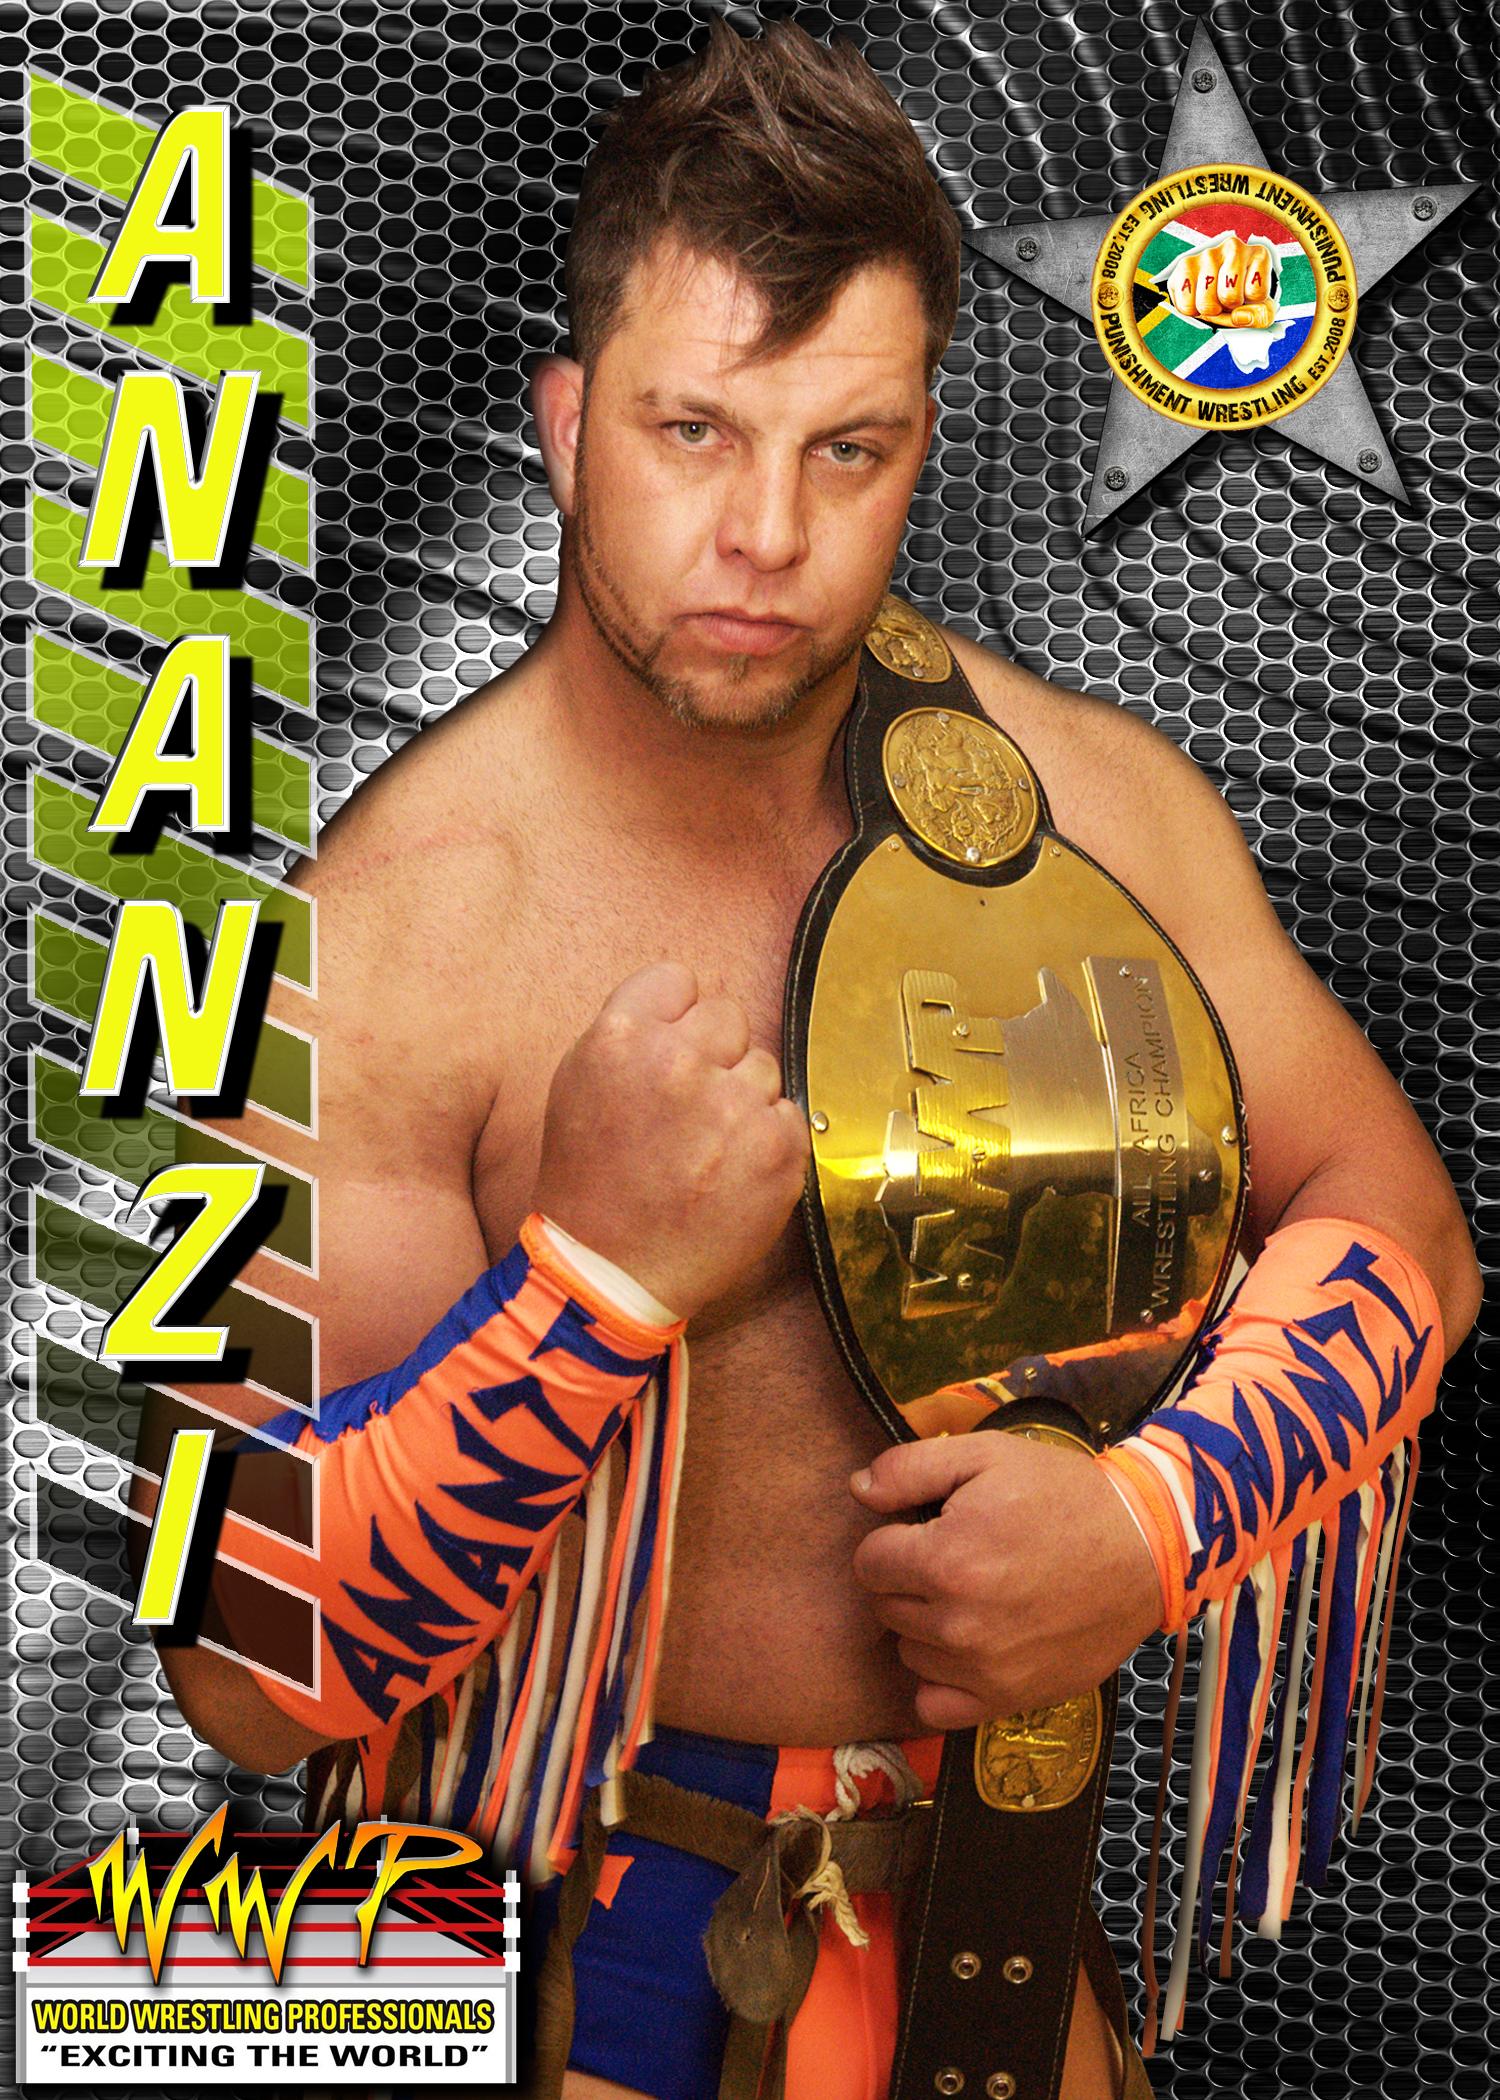 Ananzi WWP Champion